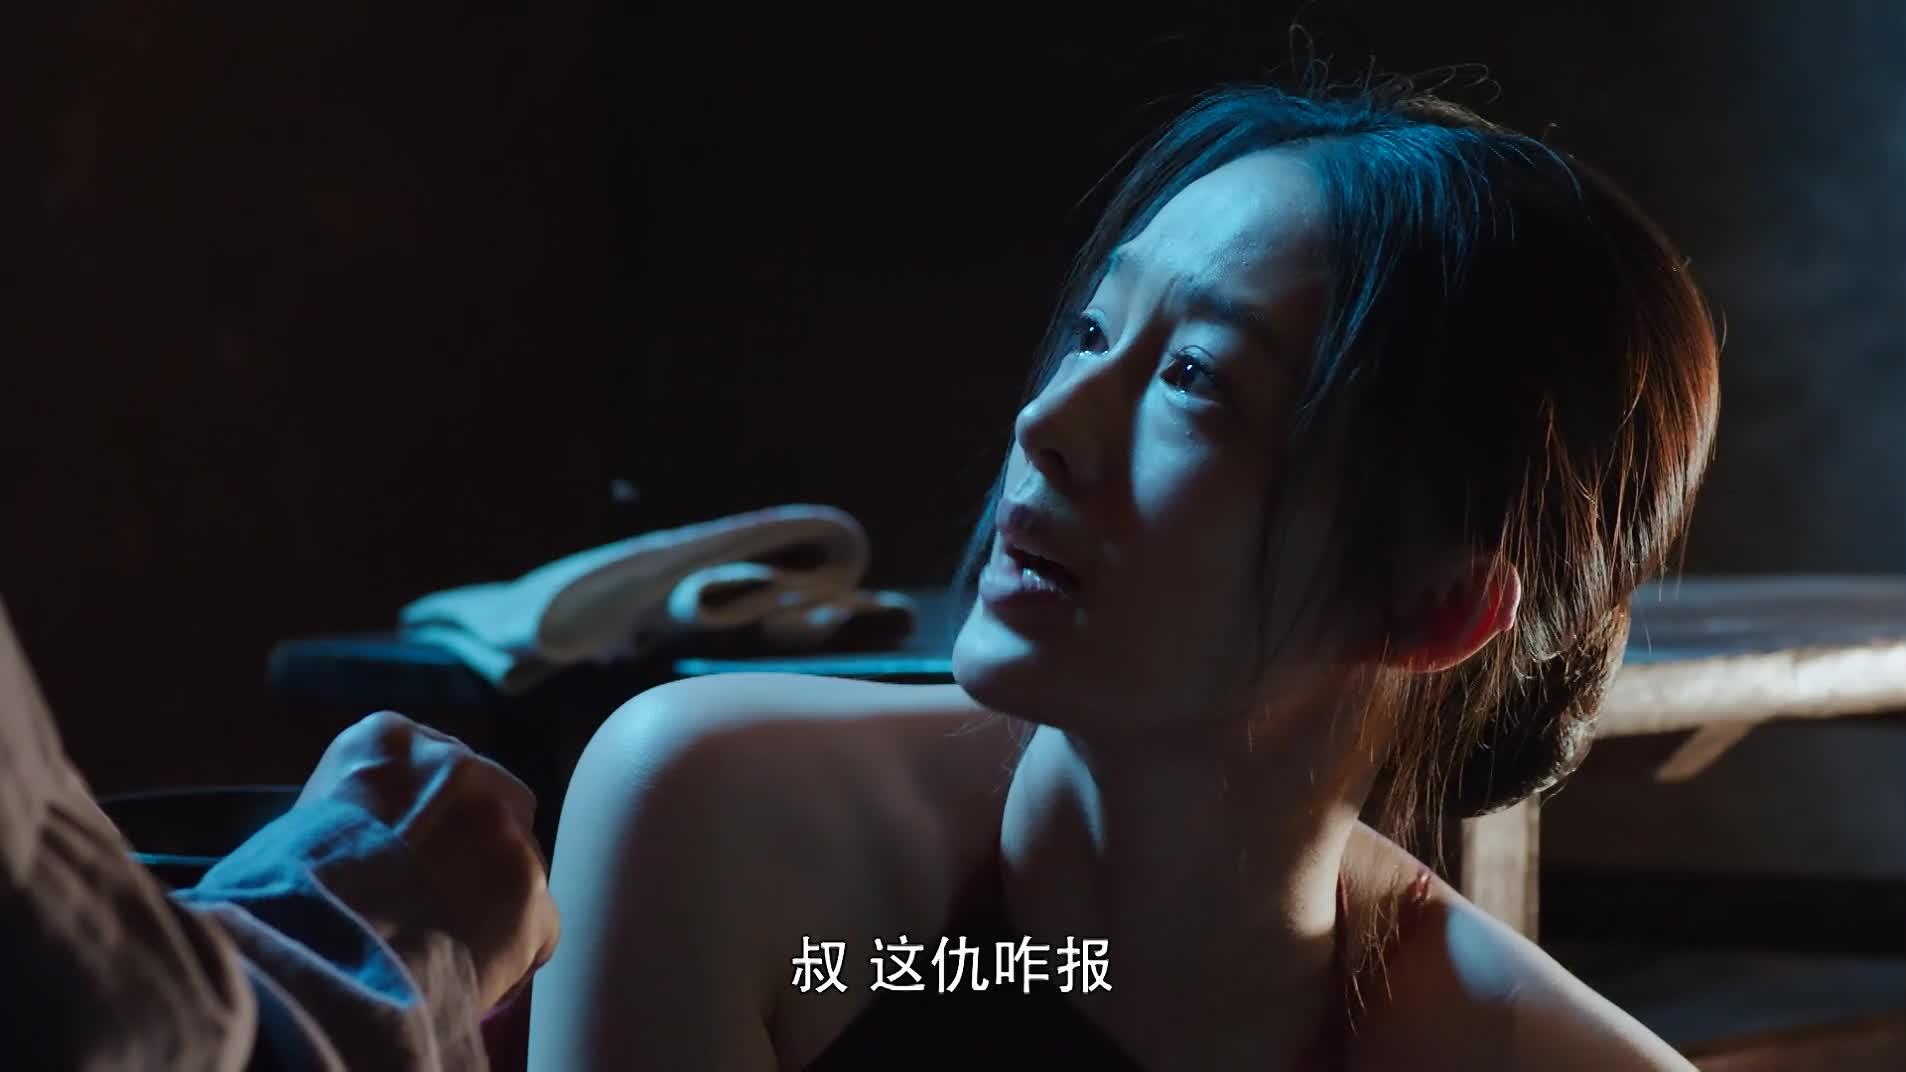 鹿子霖太坏了,竟然蹿腾田小娥去扒白孝文的裤子